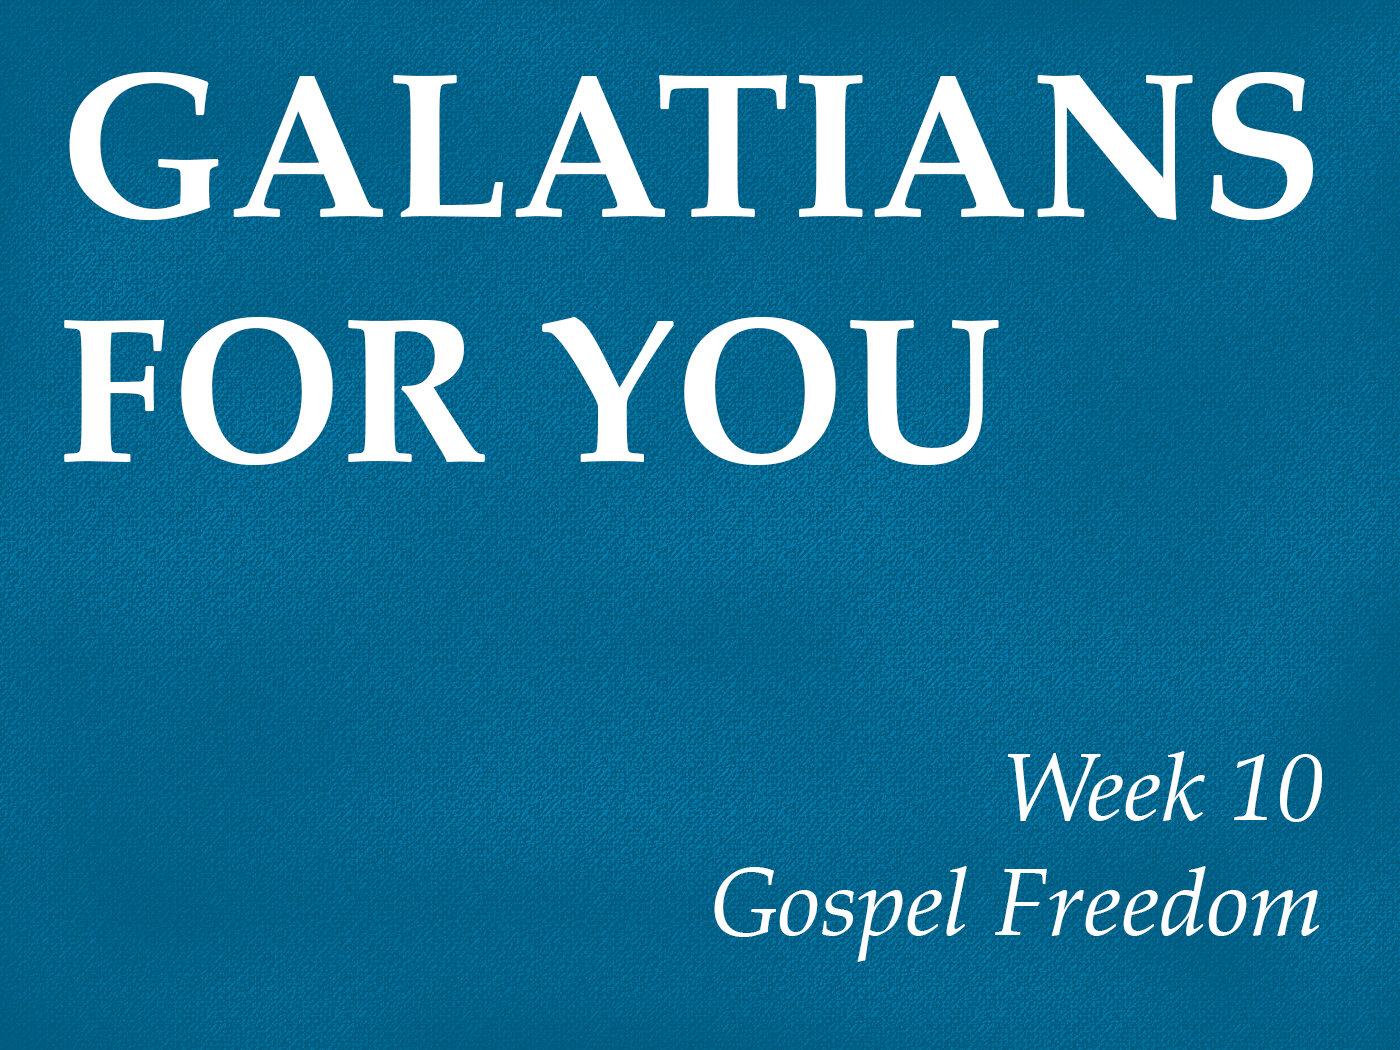 Galatians Week 10.jpg